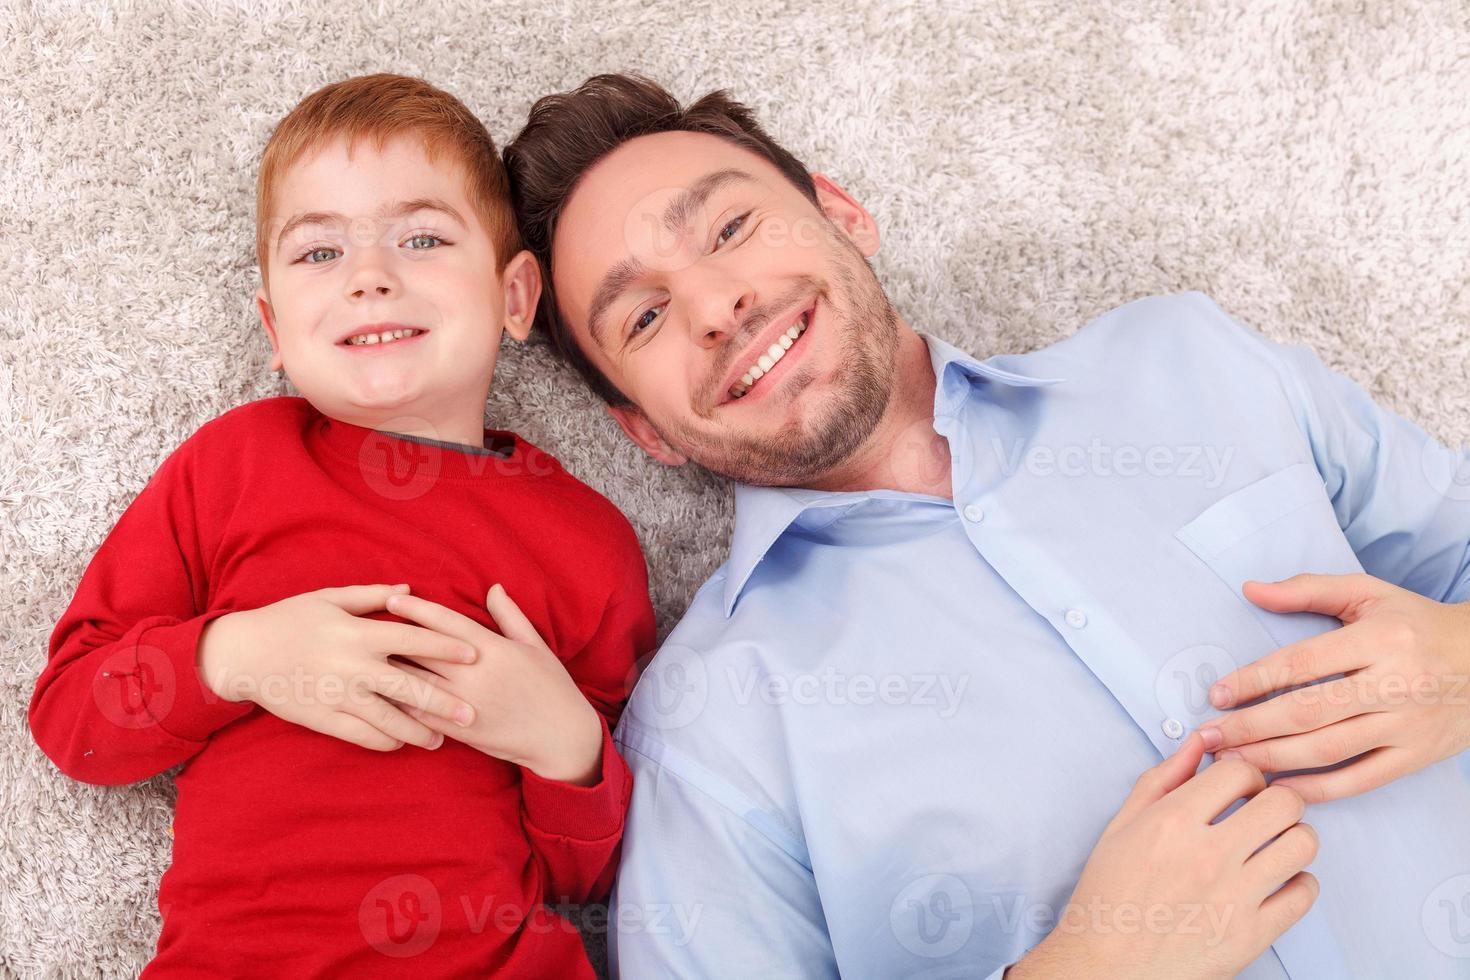 mooie familie is samen ontspannen op de vloer foto